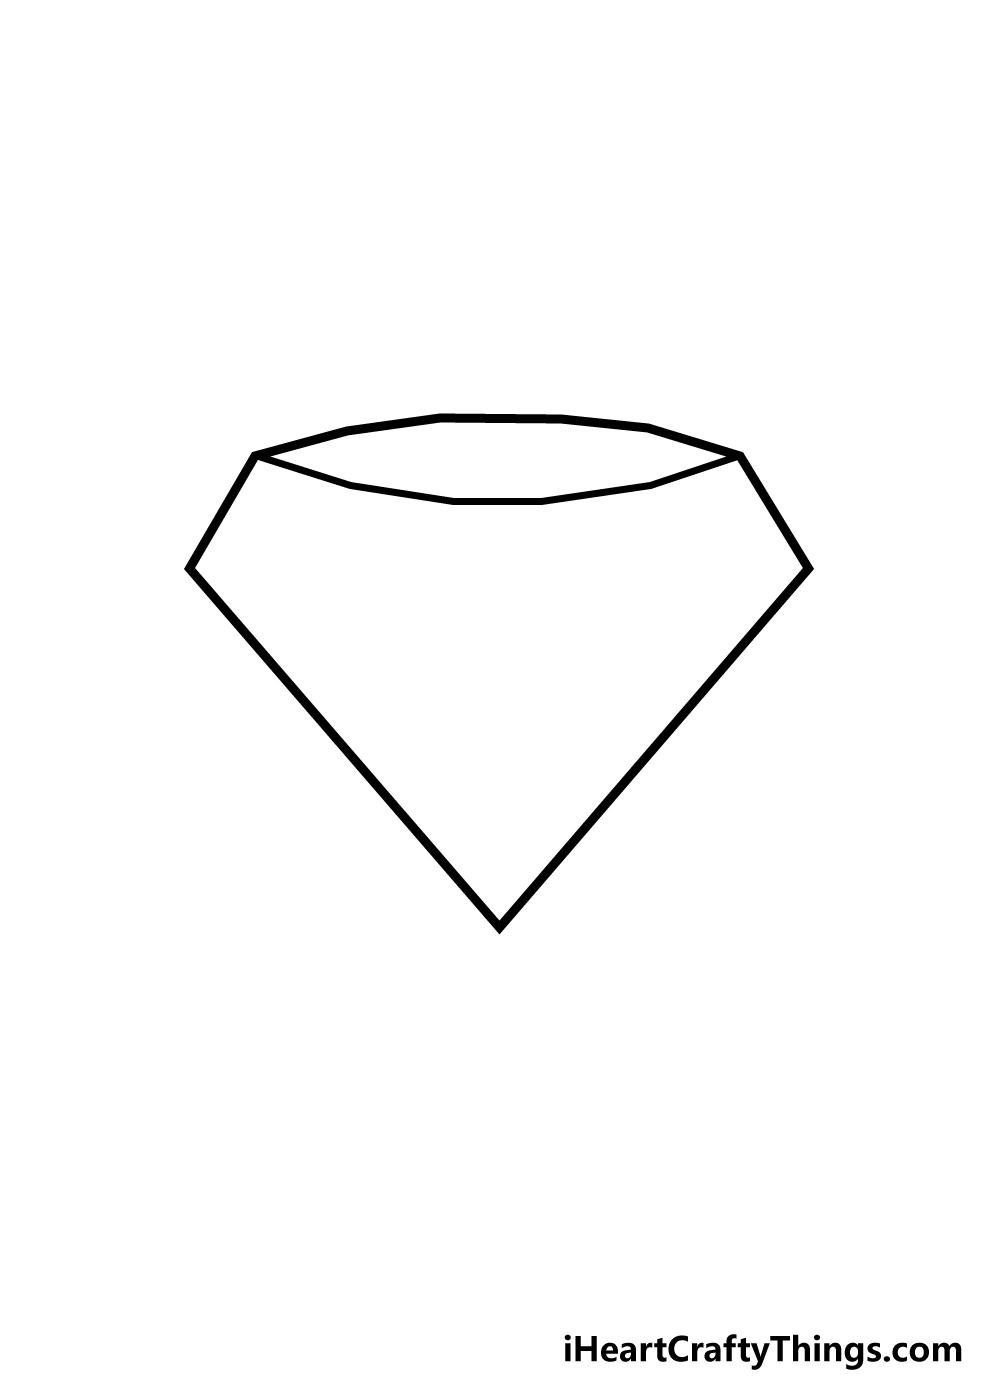 diamond drawing step 2